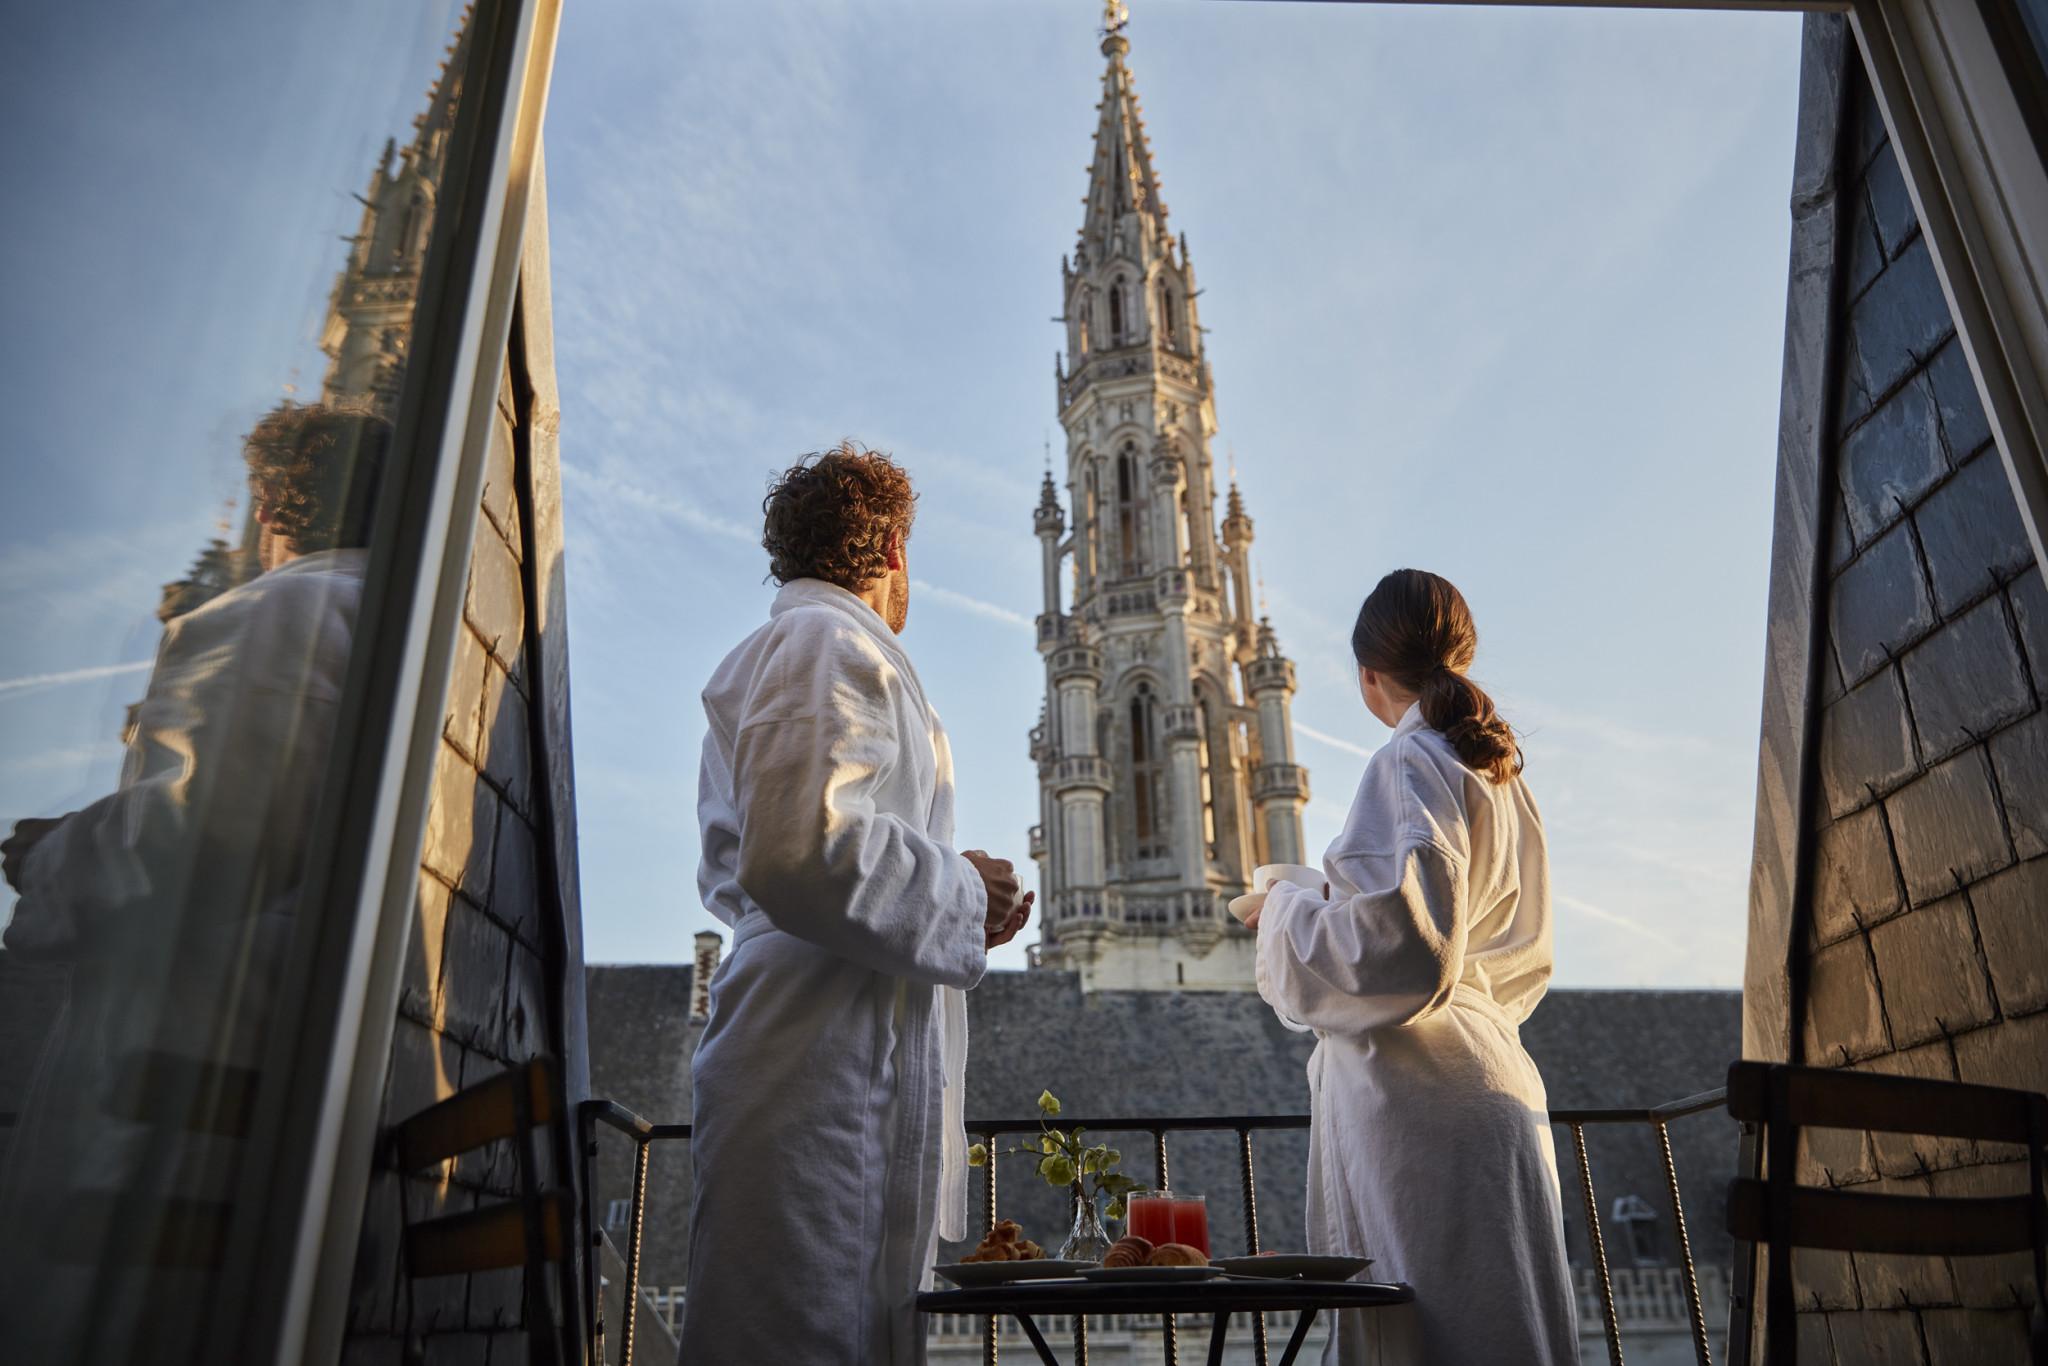 14 février : 7 endroits où passer une Saint-Valentin confinée mais pas boring en Belgique - 7